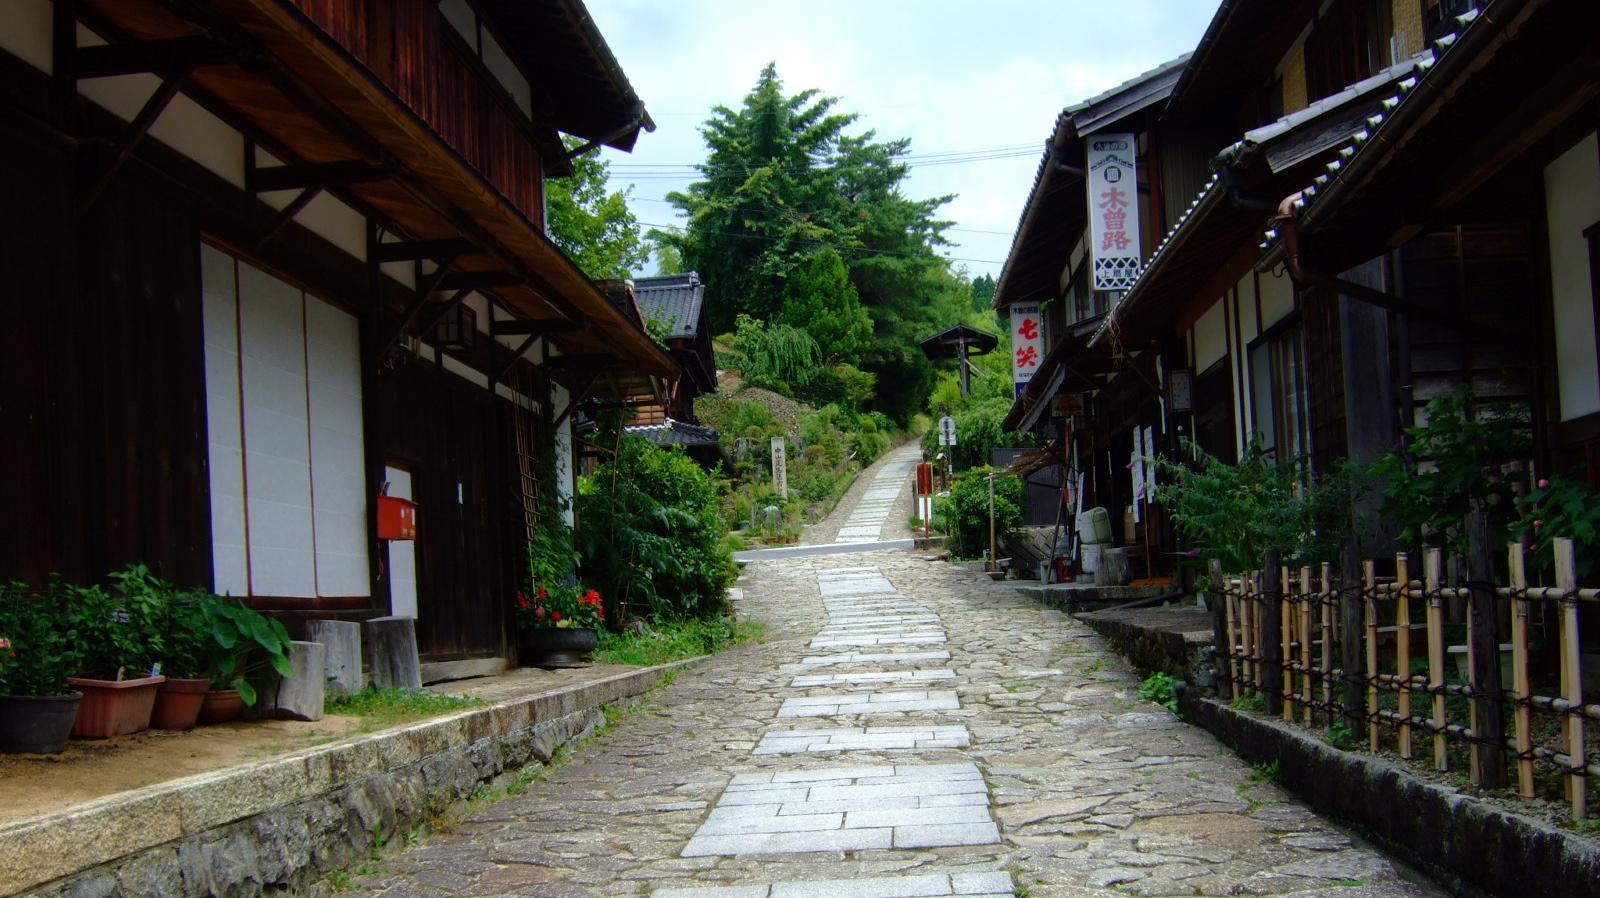 「日本 町並」の画像検索結果